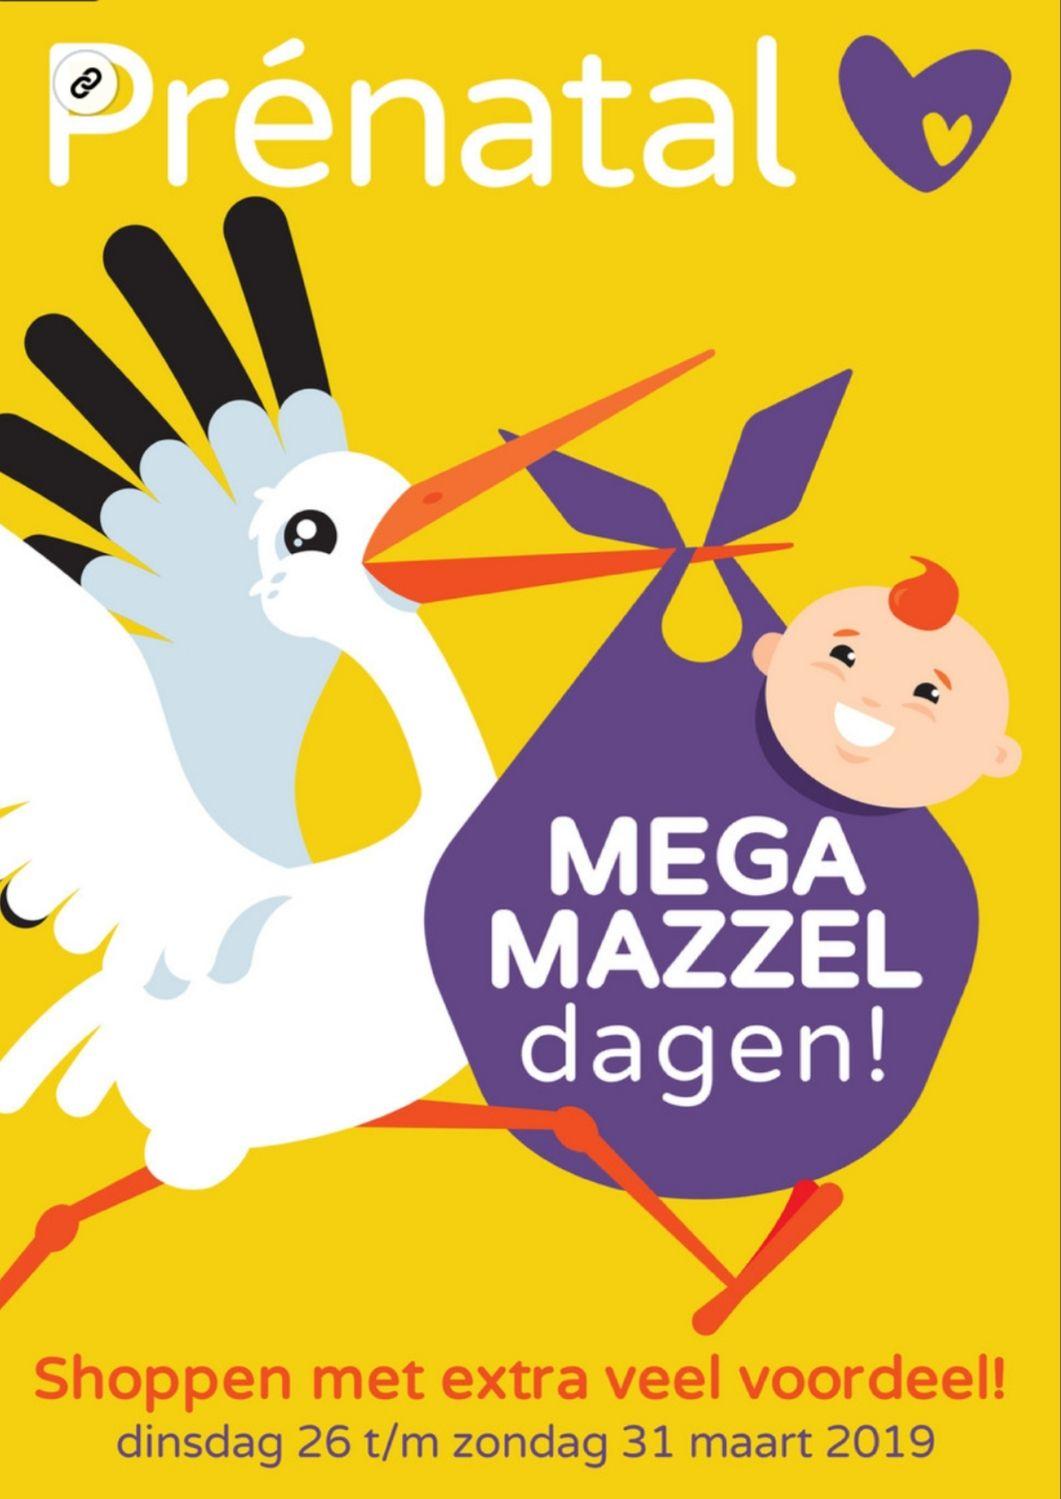 Mega mazzeldagen bij Prénatal van 26 maart t/m 31 maart 2019